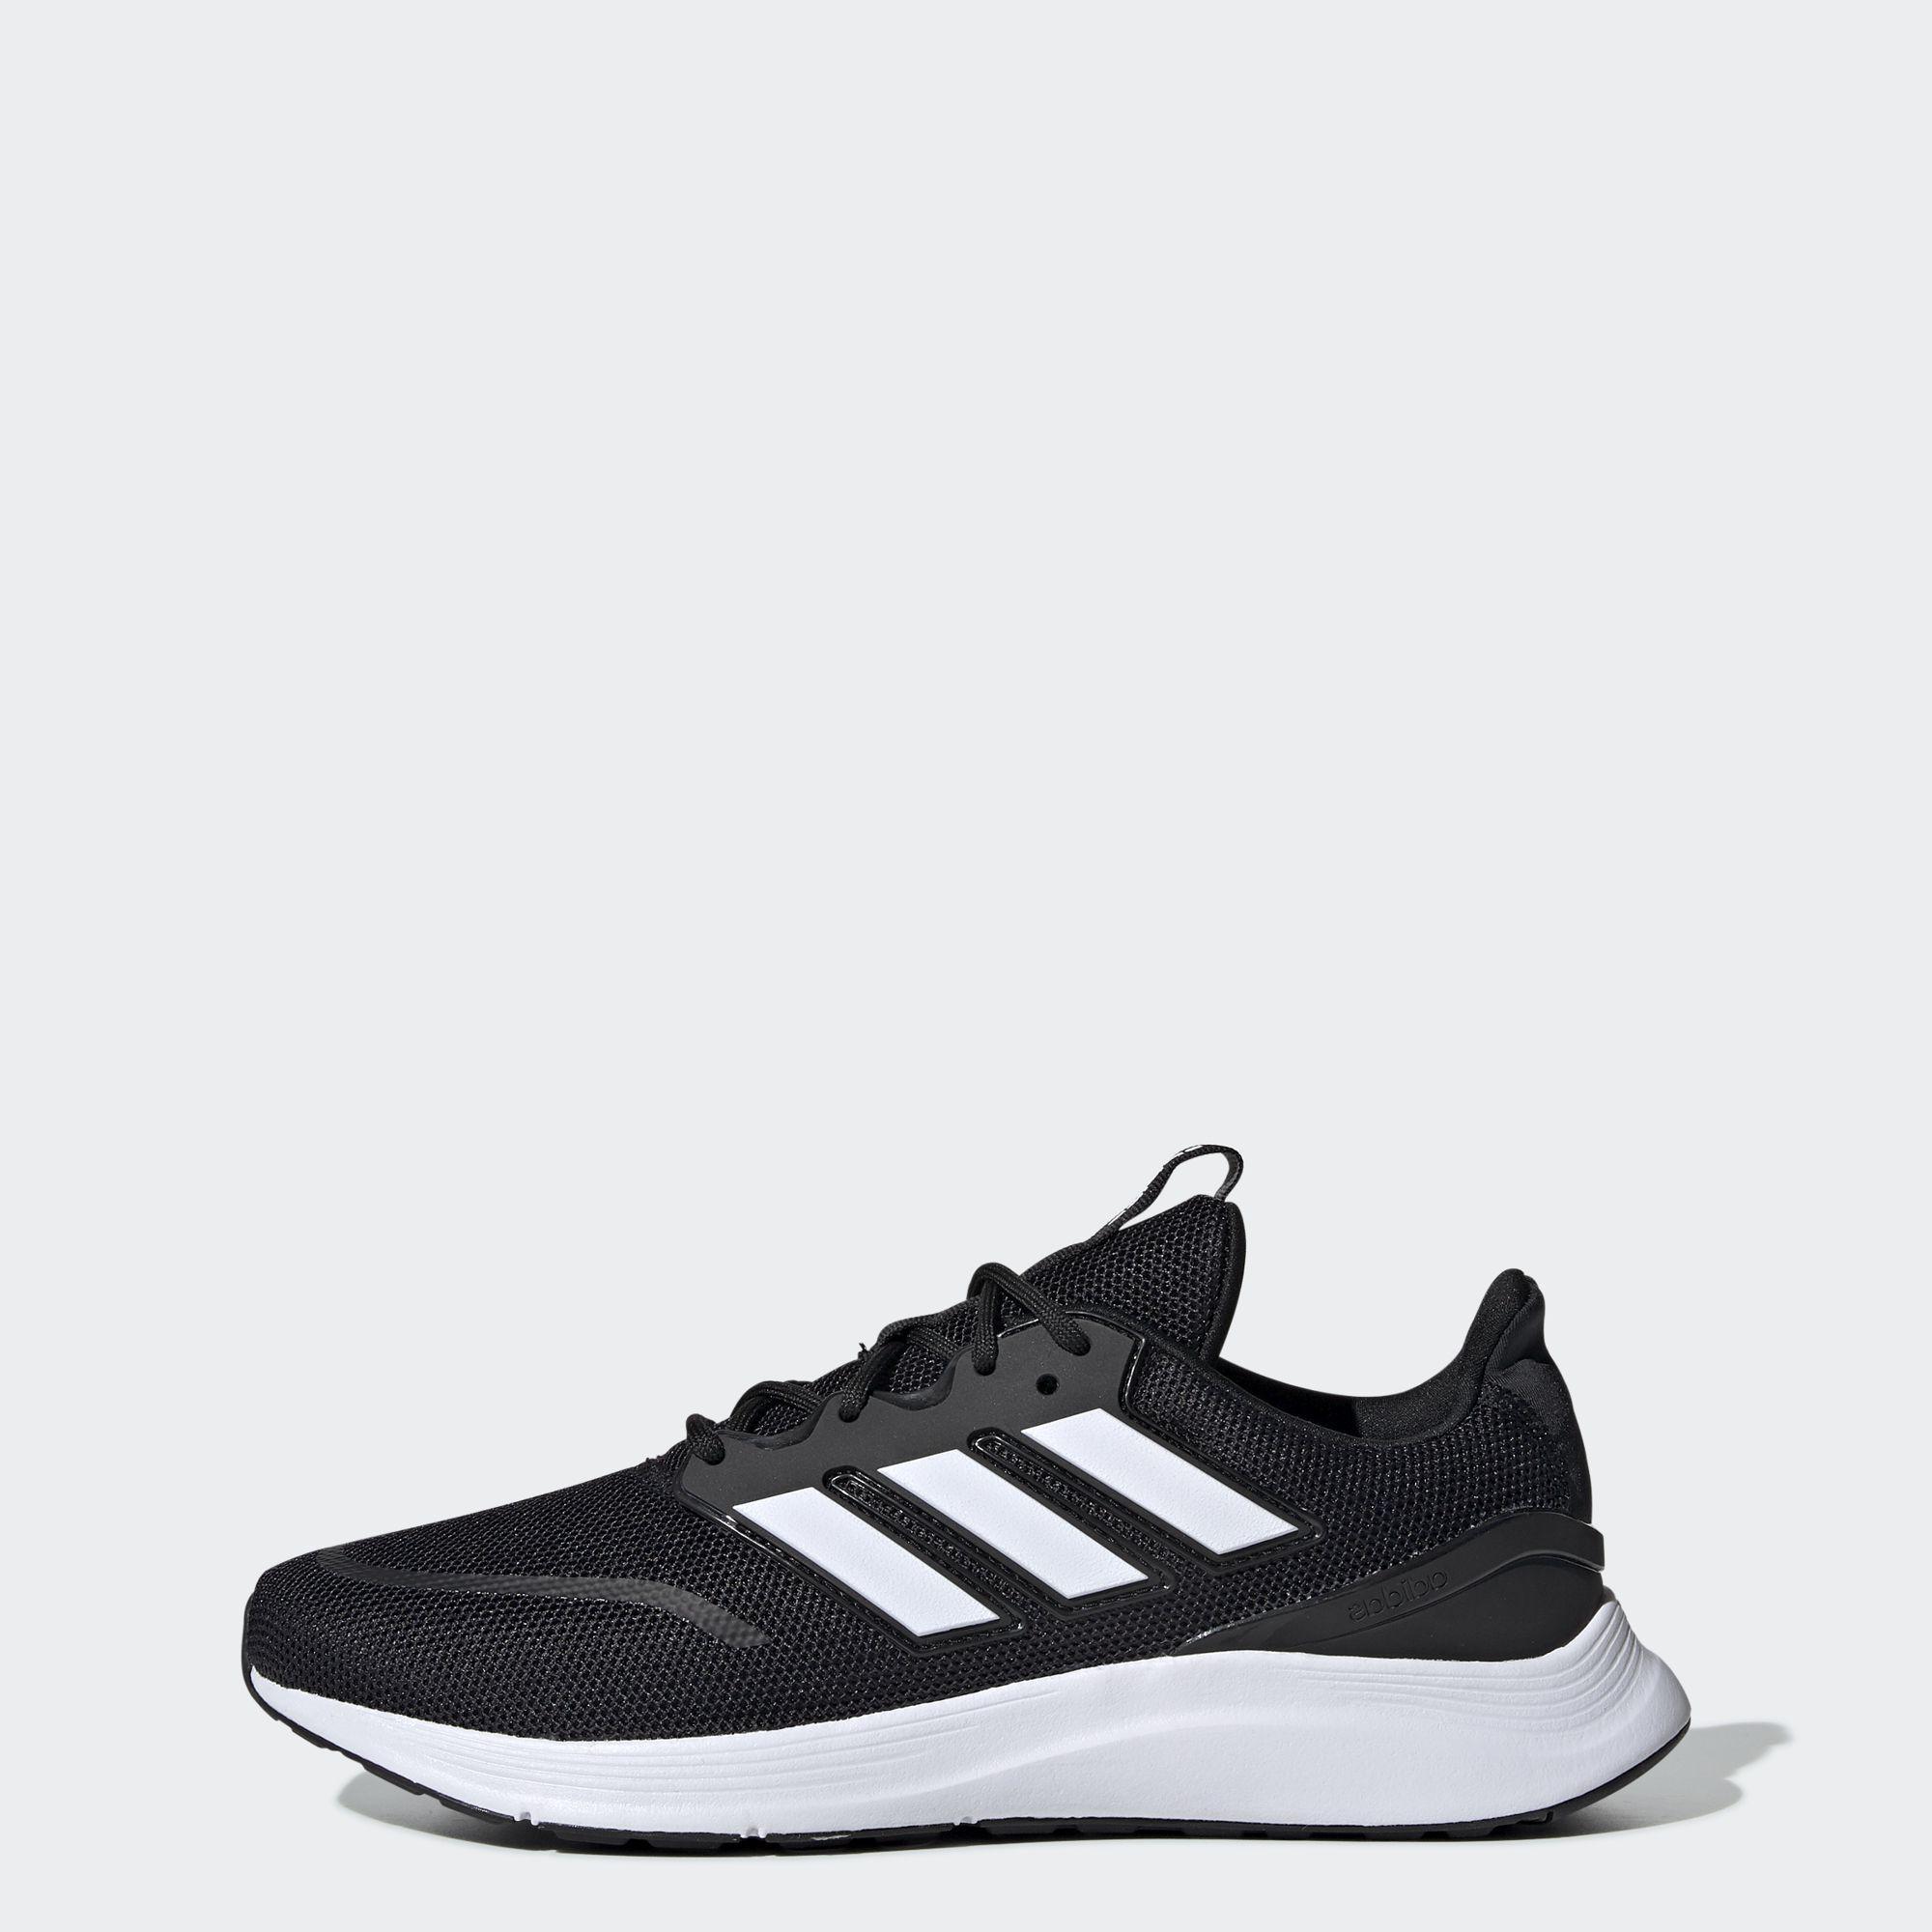 Siêu Tiết Kiệm Khi Mua Adidas RUNNING Giày Energyfalcon Nam Màu đen EE9843